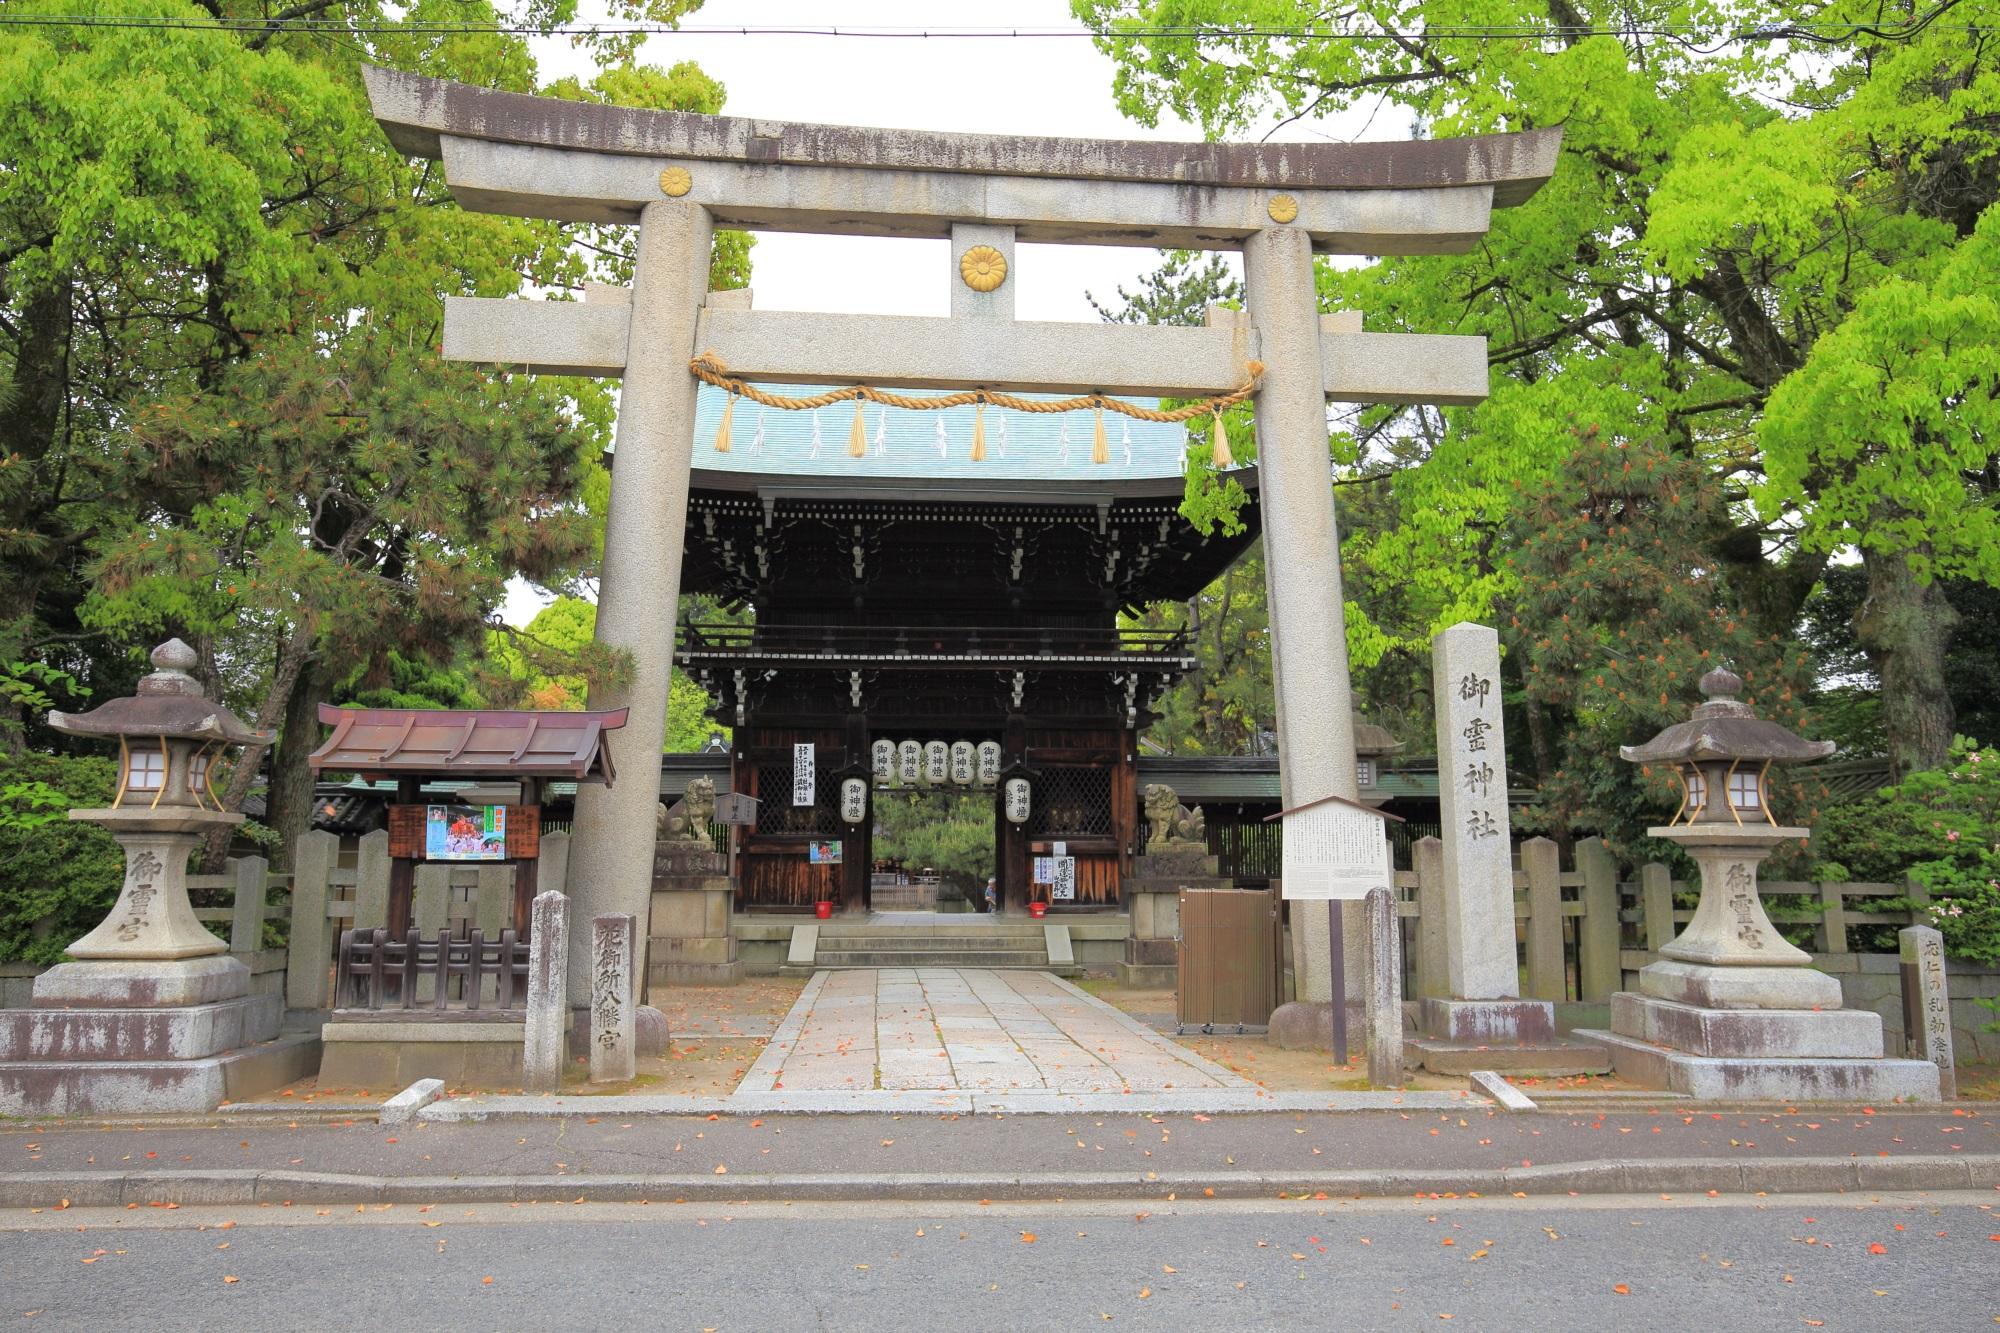 上御霊神社の新緑につつまれた石の鳥居